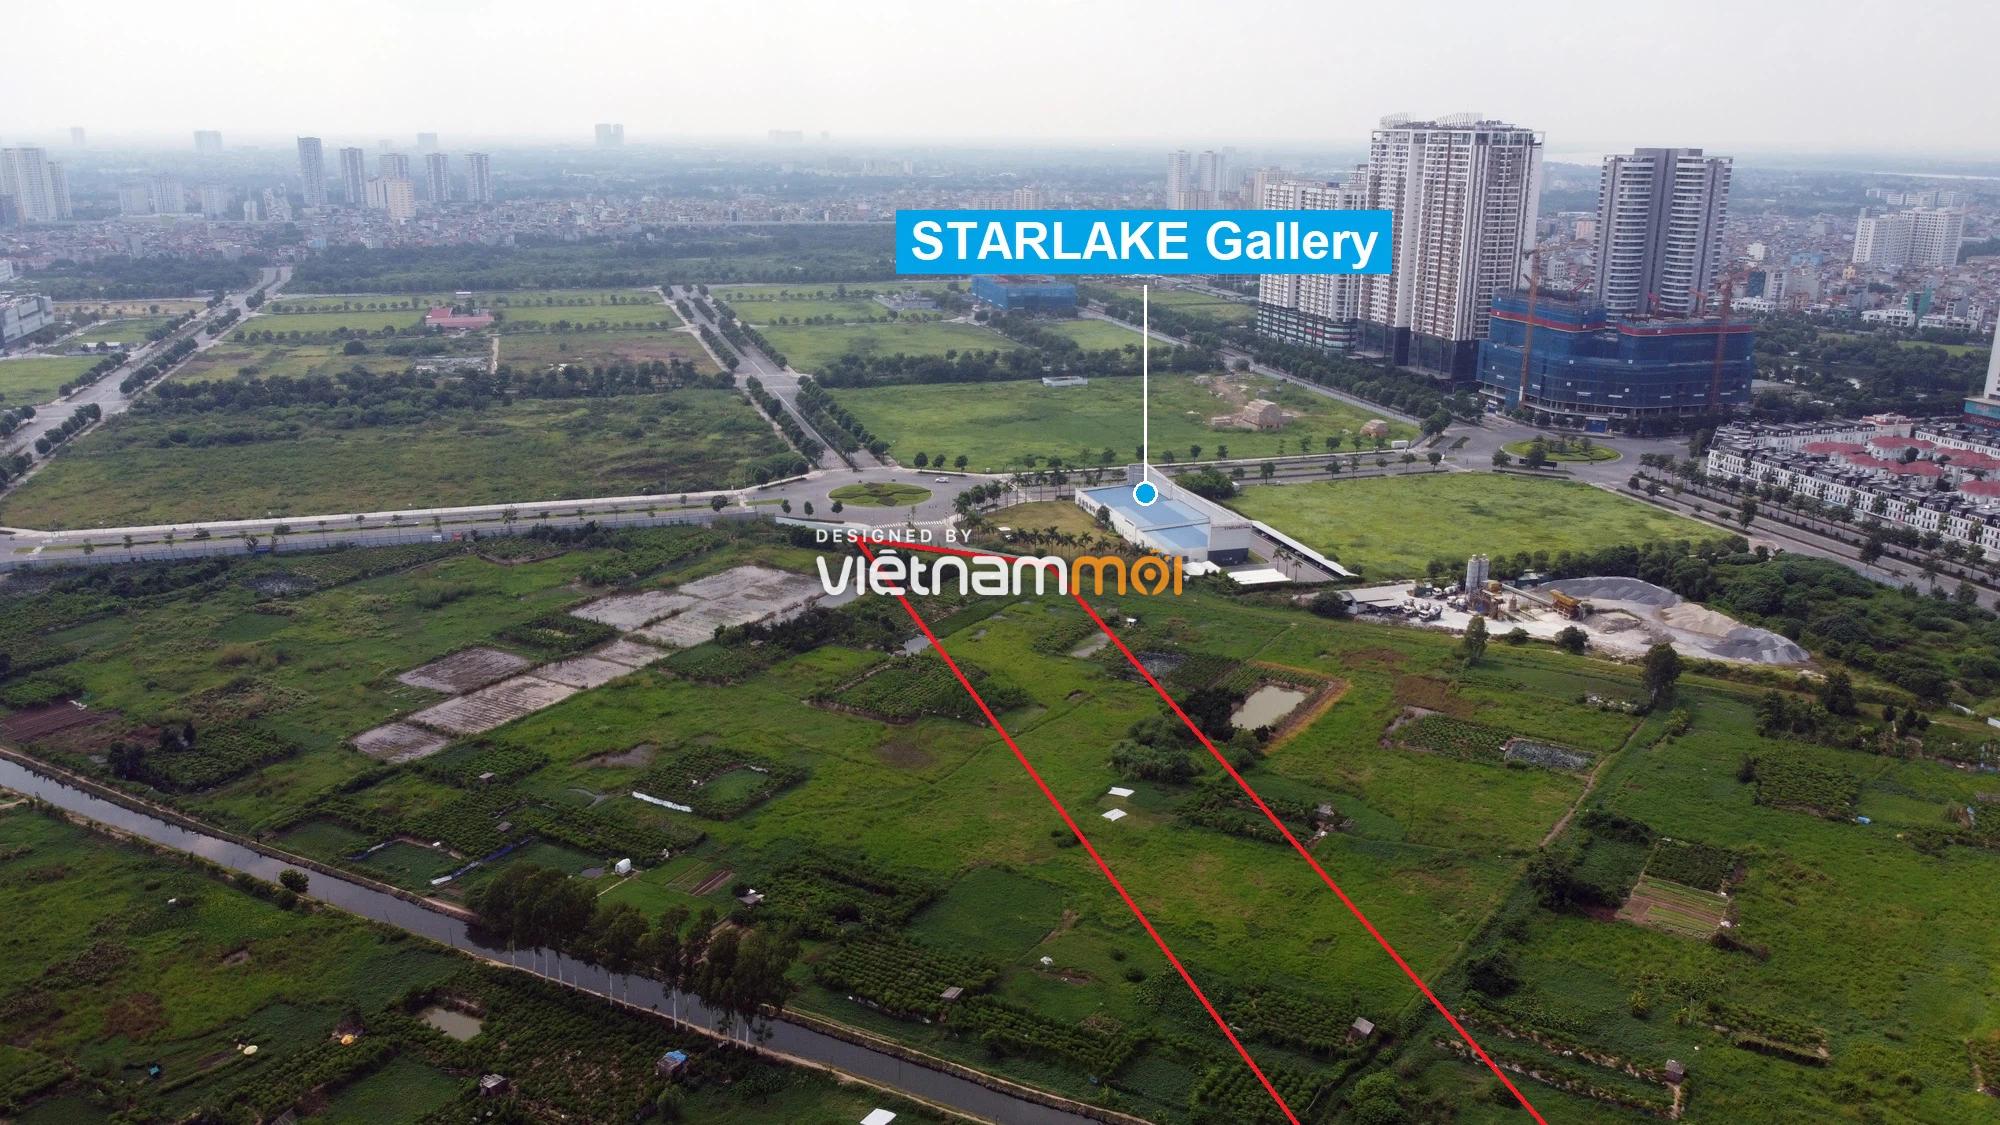 Những khu đất sắp thu hồi để mở đường ở quận Tây Hồ, Hà Nội (phần 2) - Ảnh 3.